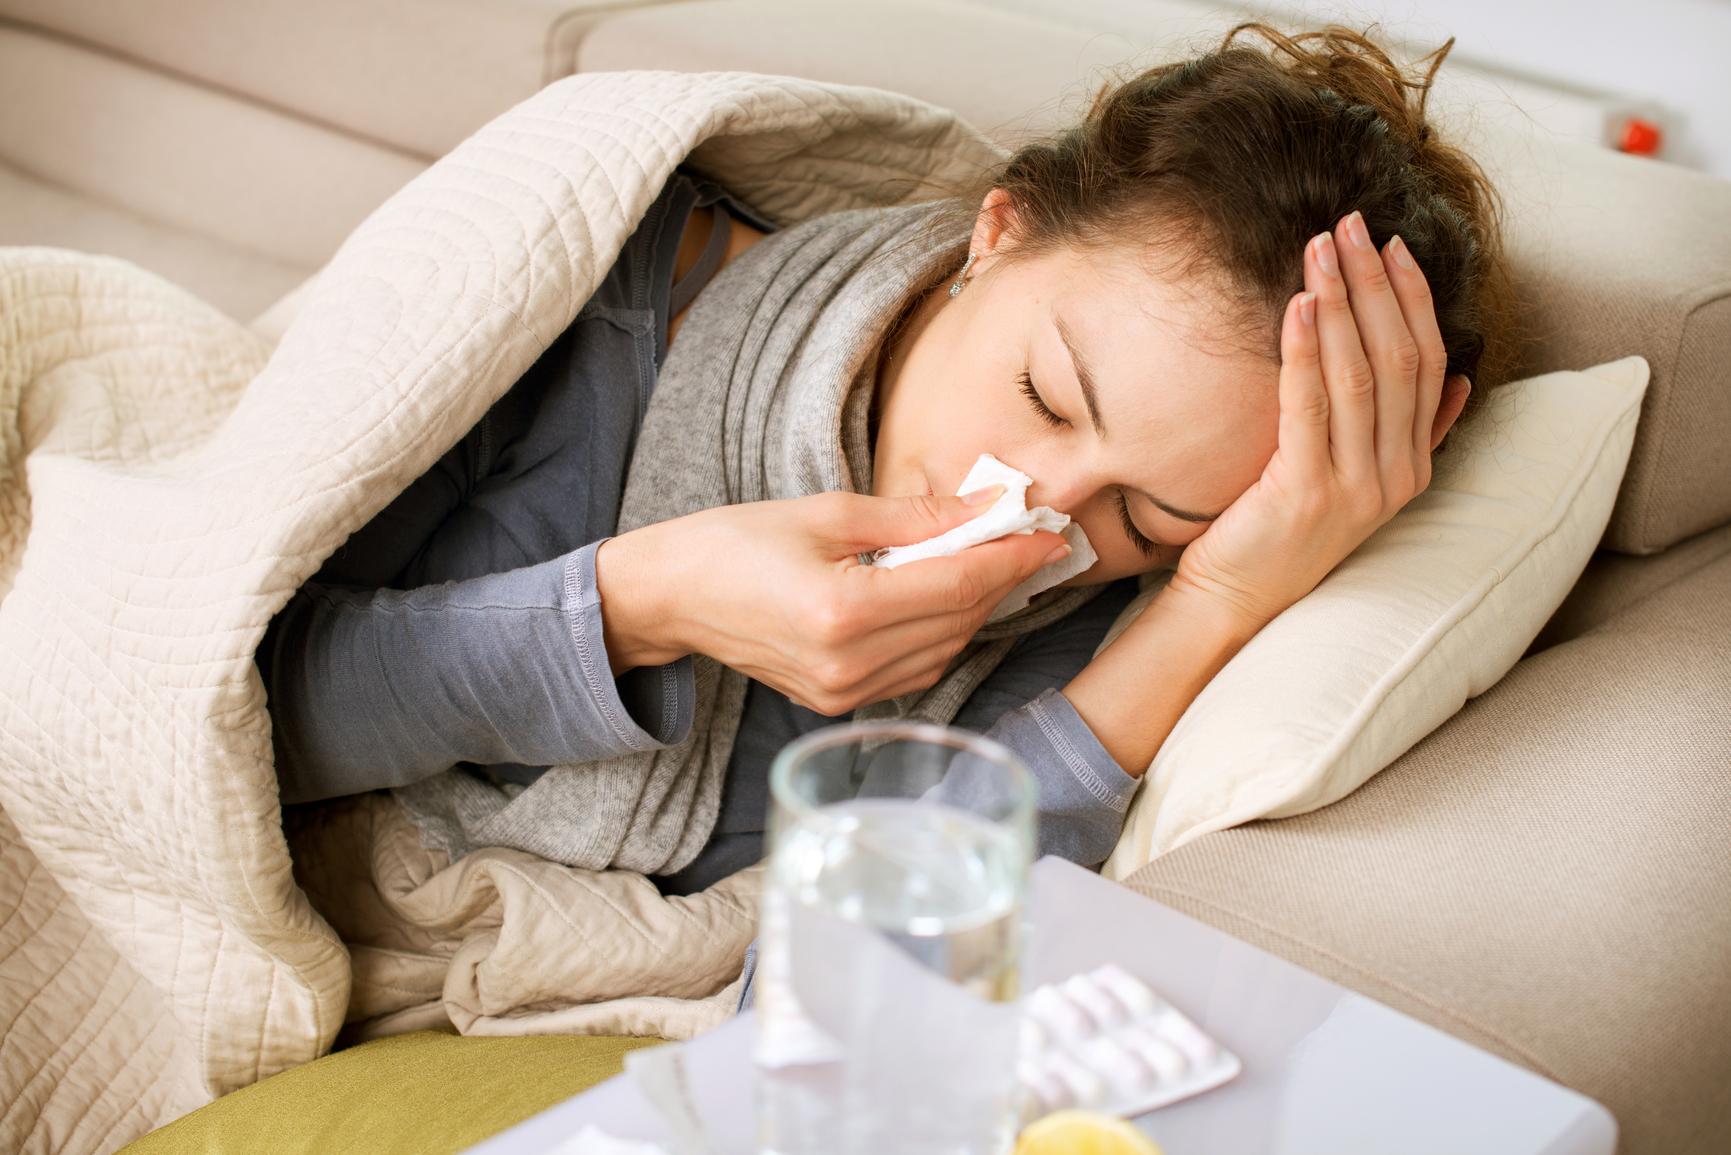 Запорожские медики напомнили, как не заболеть гриппом и ОРВИ